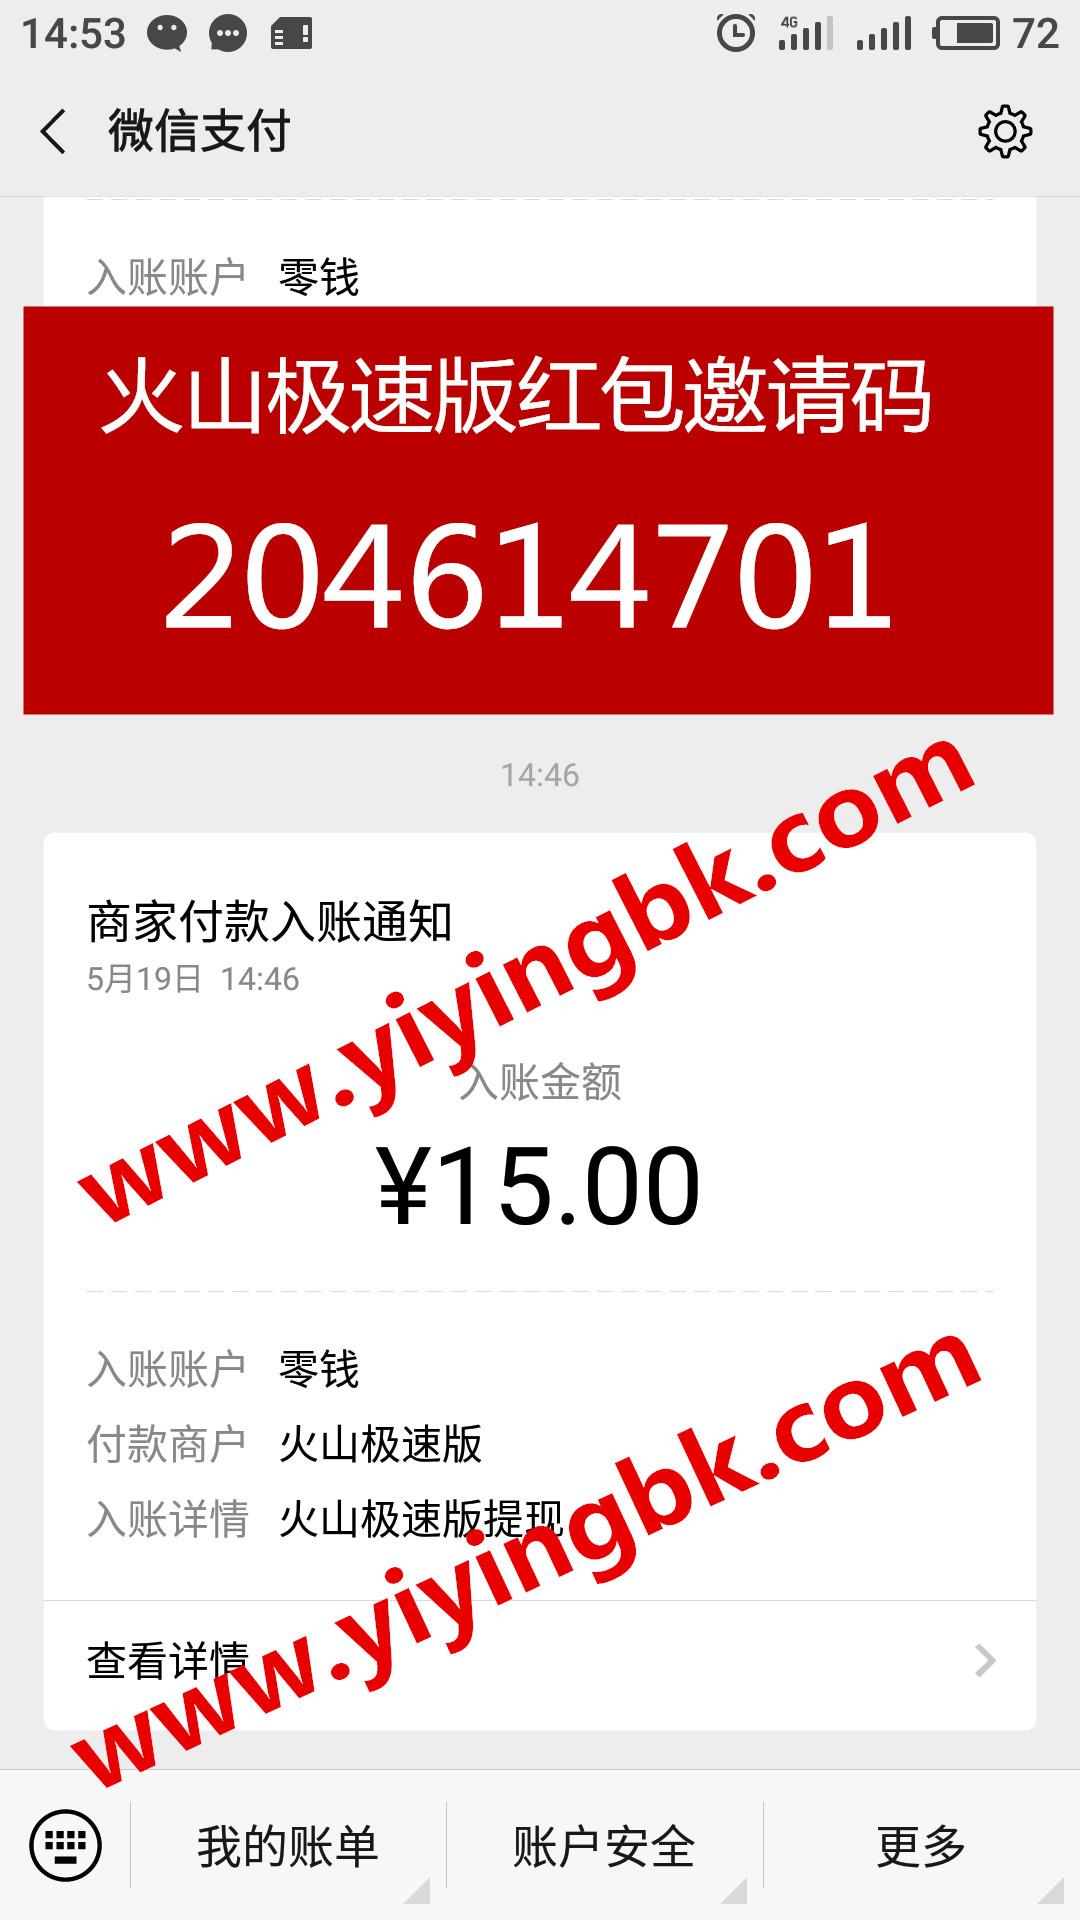 免费看视频赚钱,微信提现15元极速到账,www.yiyingbk.com